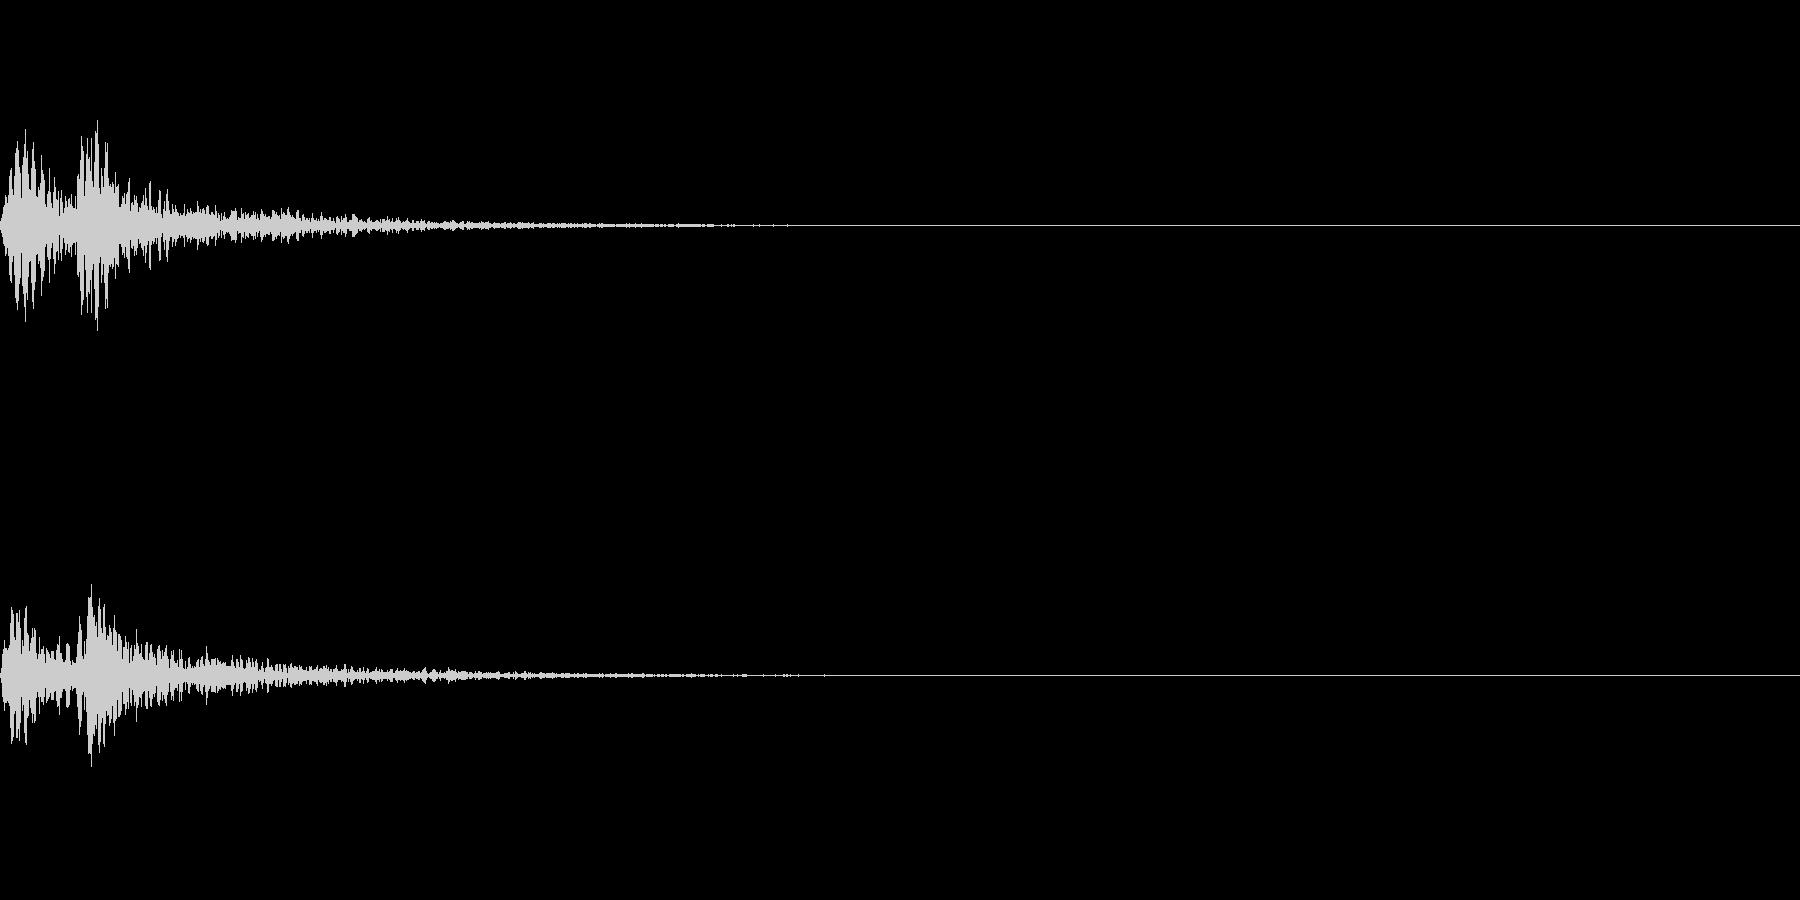 トトン 締太鼓(低い) 和楽器 決定音の未再生の波形